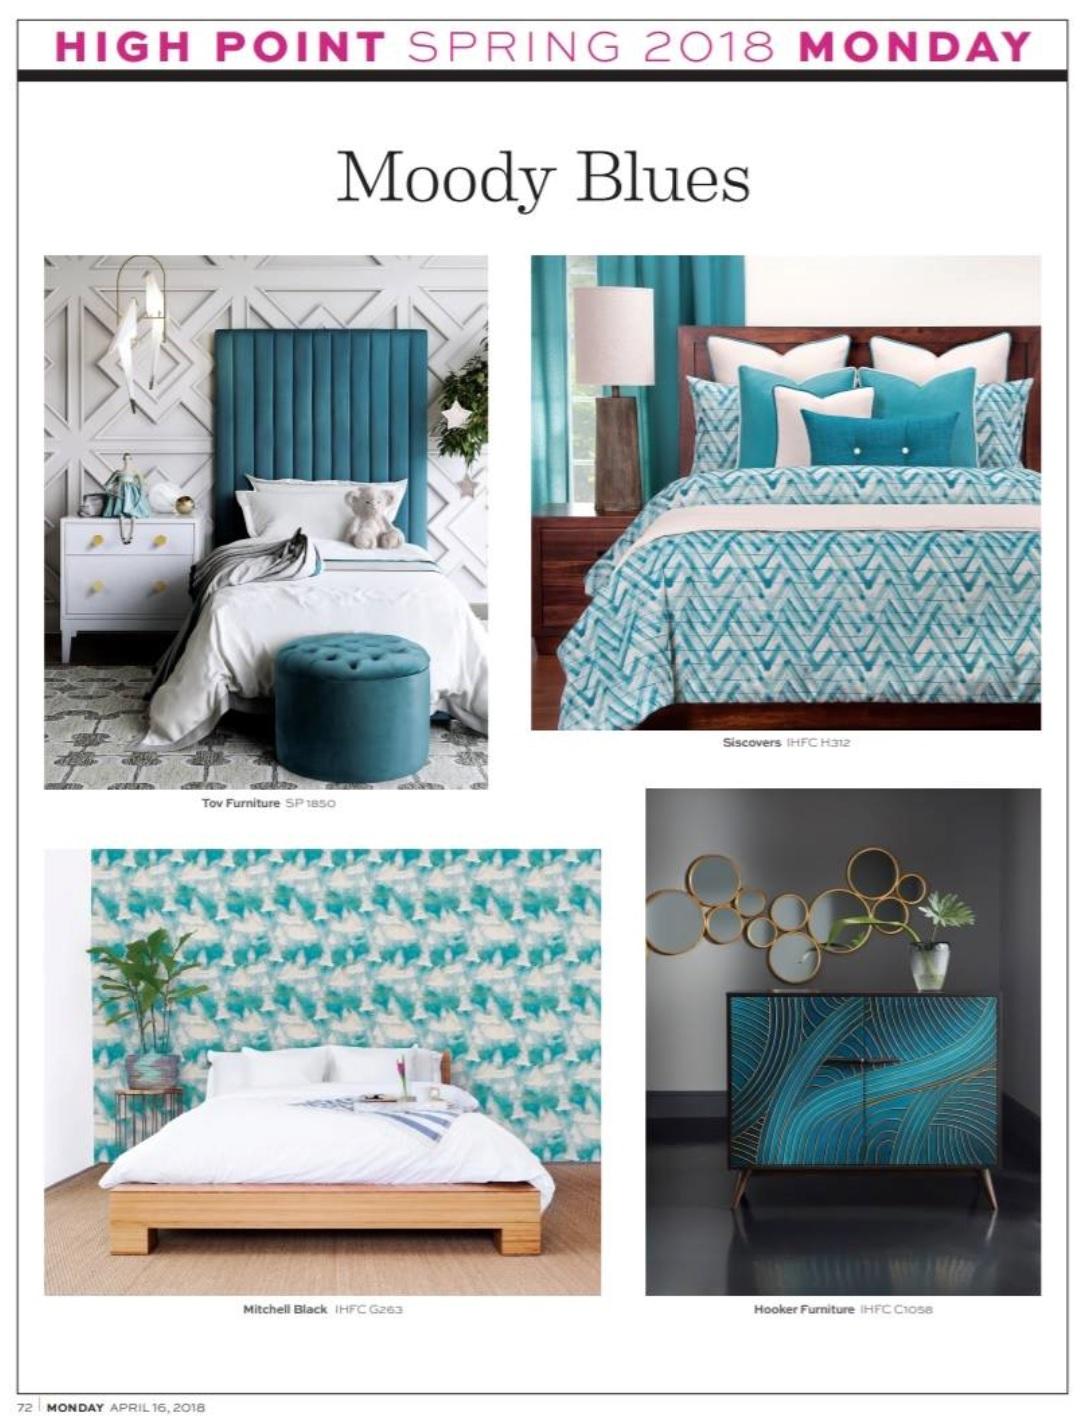 MoodyBlues2